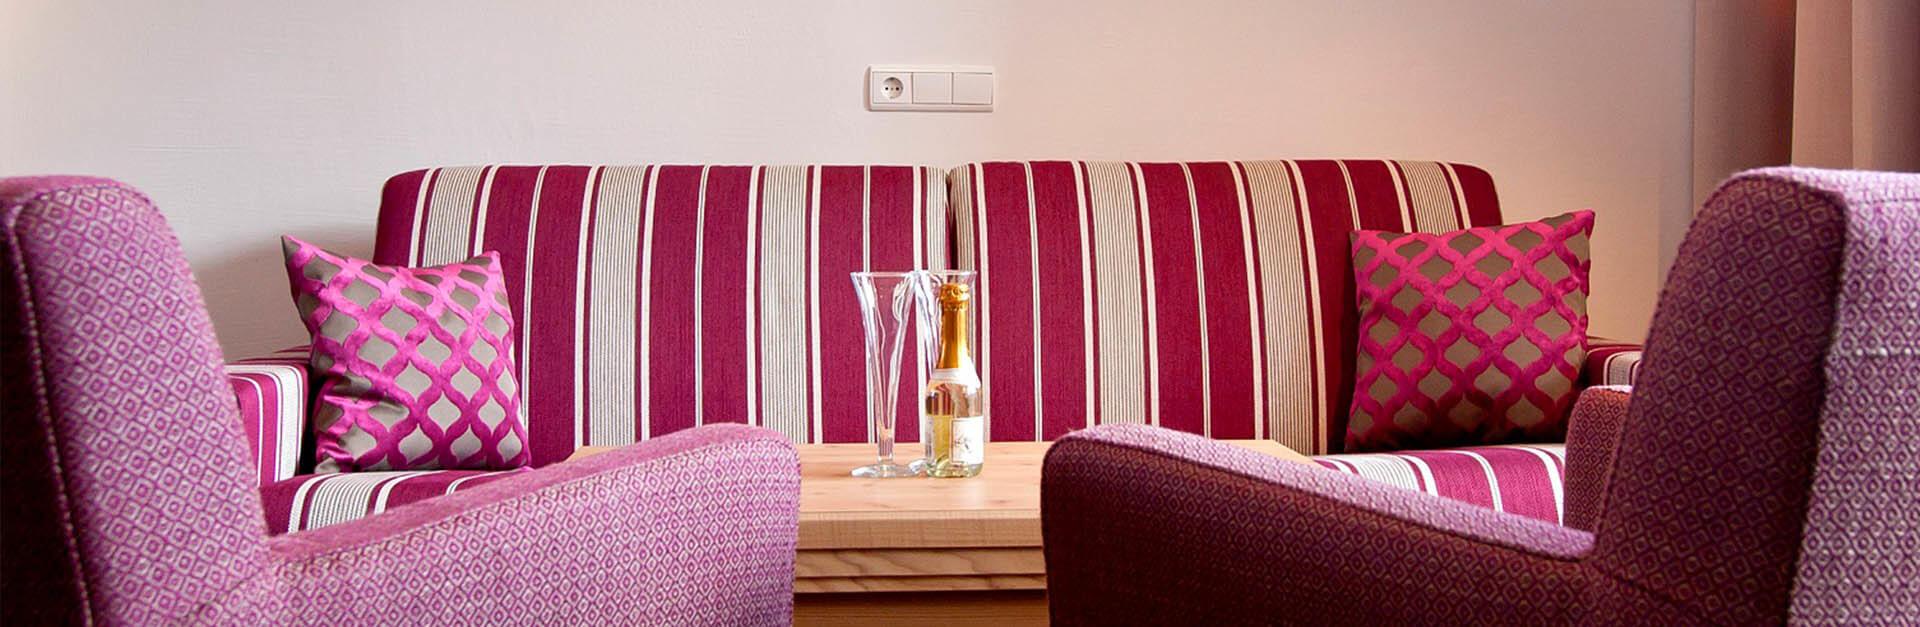 Inklusivleistungen - Hotel Urbisgut in Altenmarkt